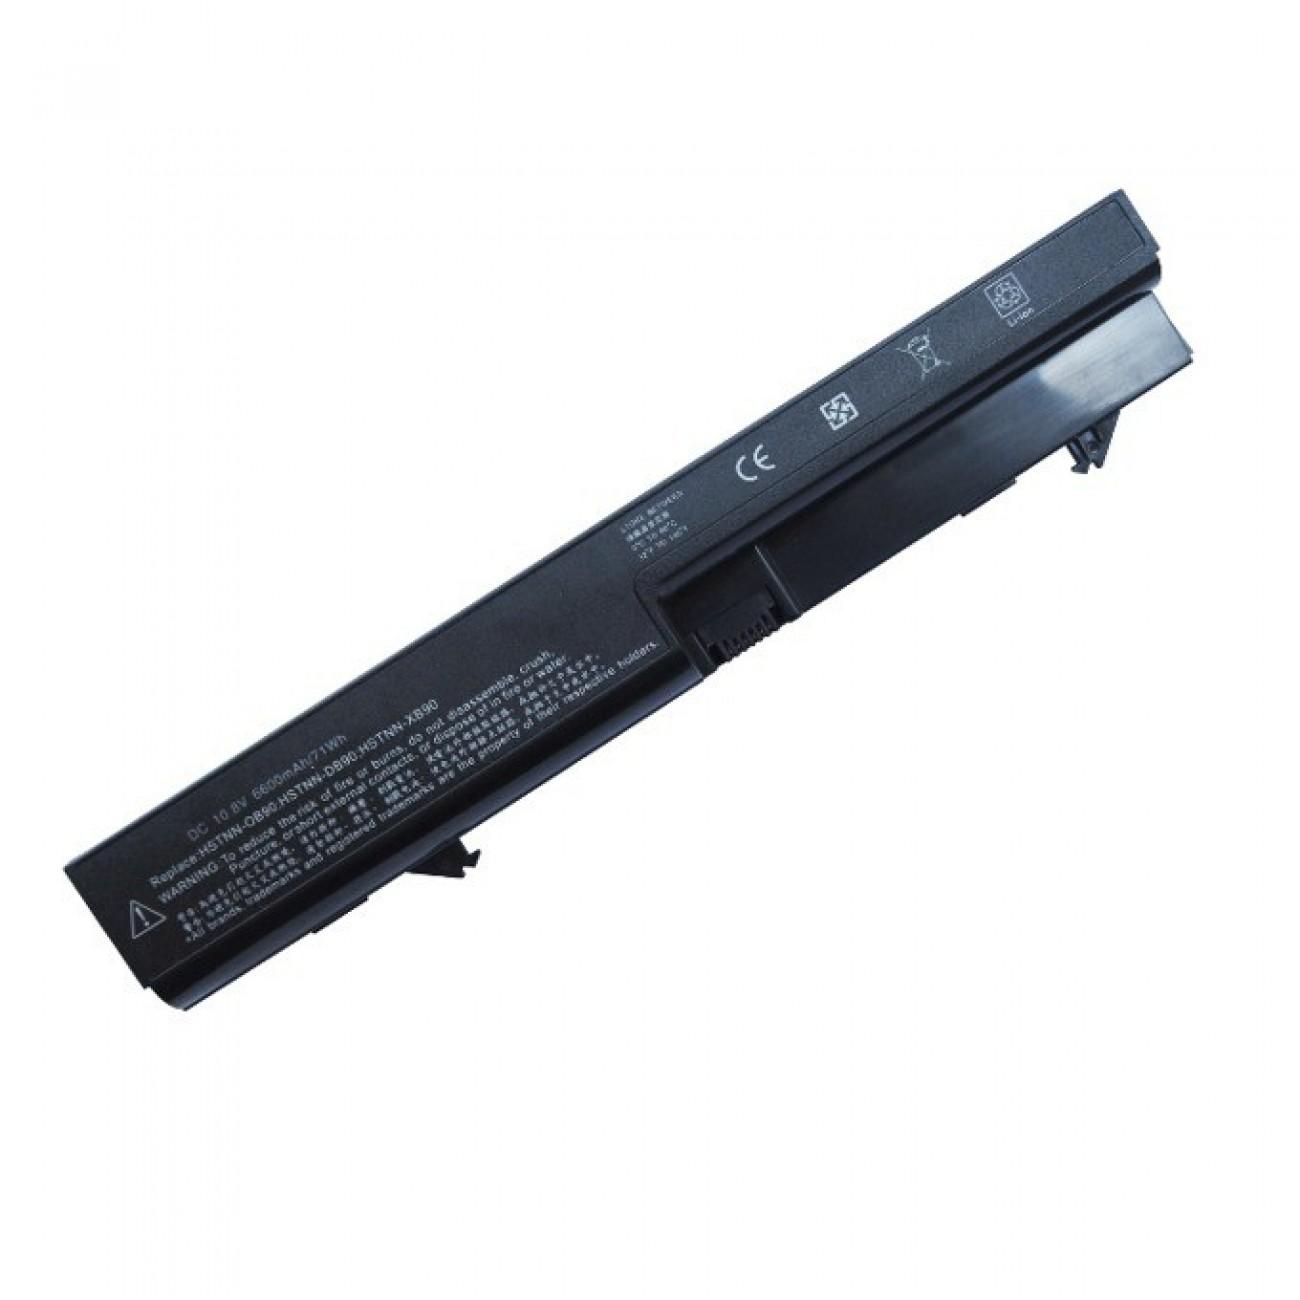 Батерия за HP ProBook, съвместима с 4410S/4411S/4412S/4415S/4416S, 6cell, 10.8V в Батерии за Лаптоп -  | Alleop